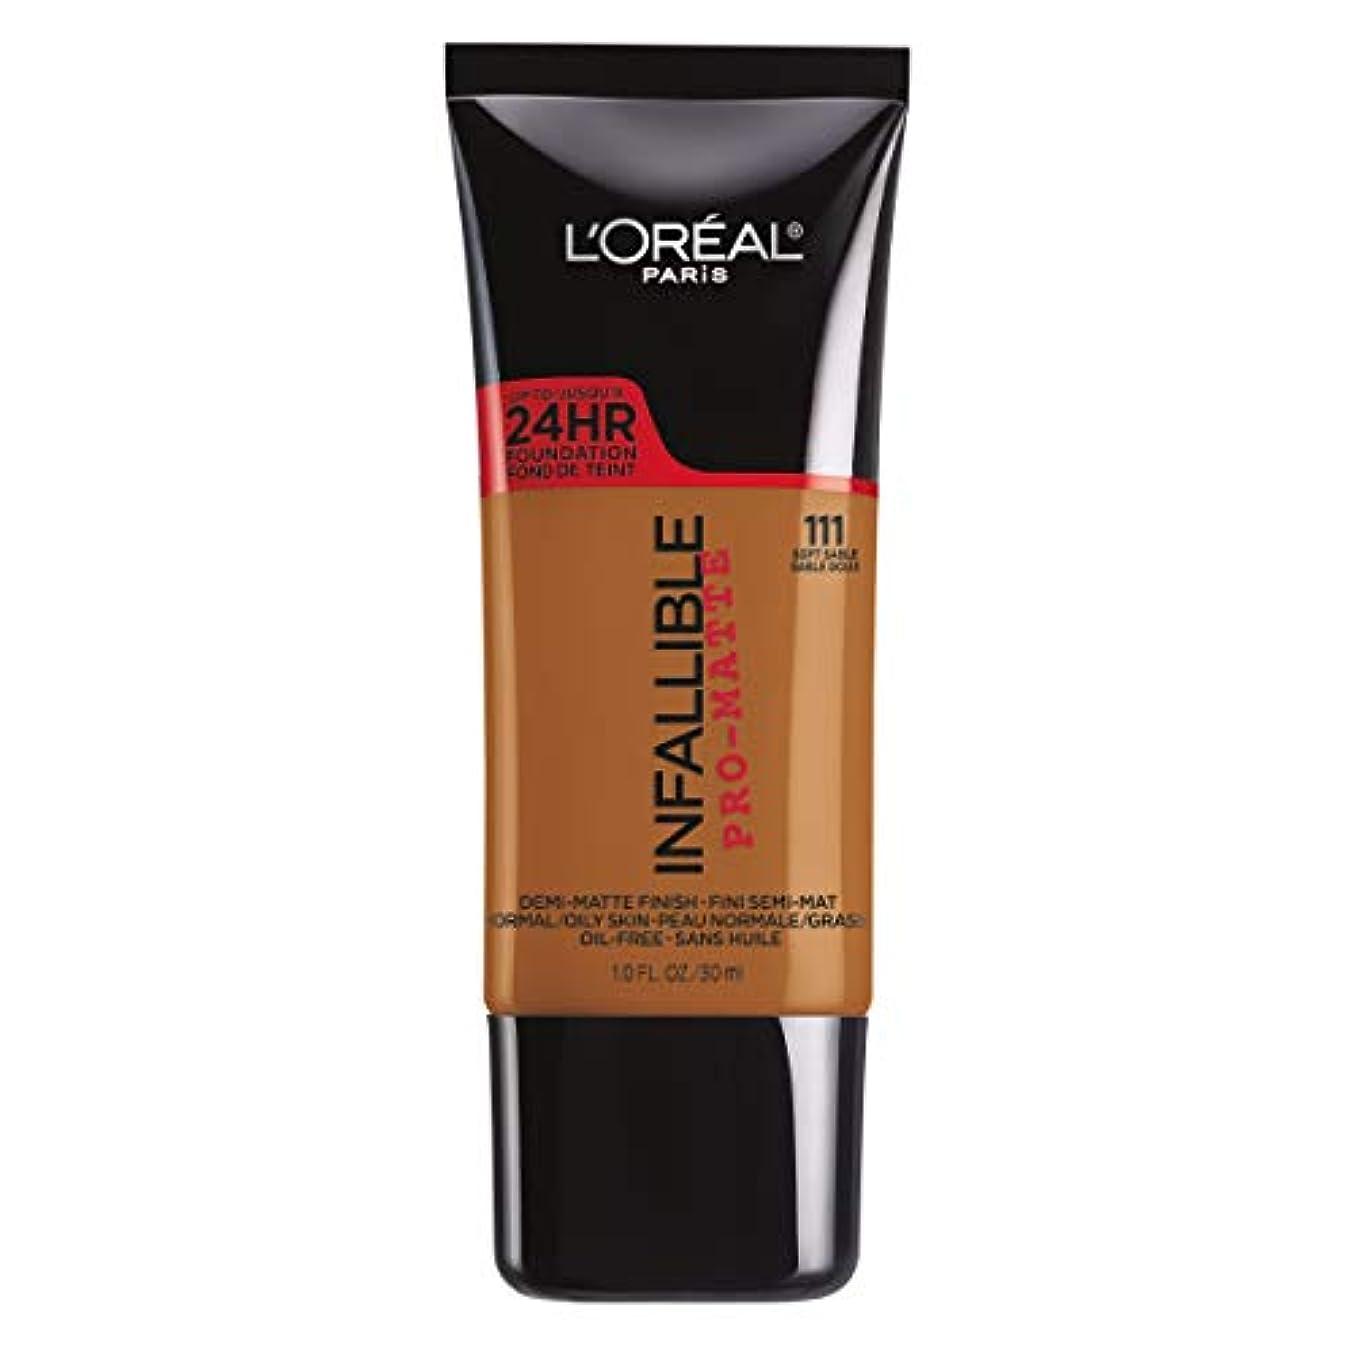 バーターイースタークリーナーL'Oreal Paris Infallible Pro-Matte Foundation Makeup, 111 Soft Sable, 1 fl. oz[並行輸入品]